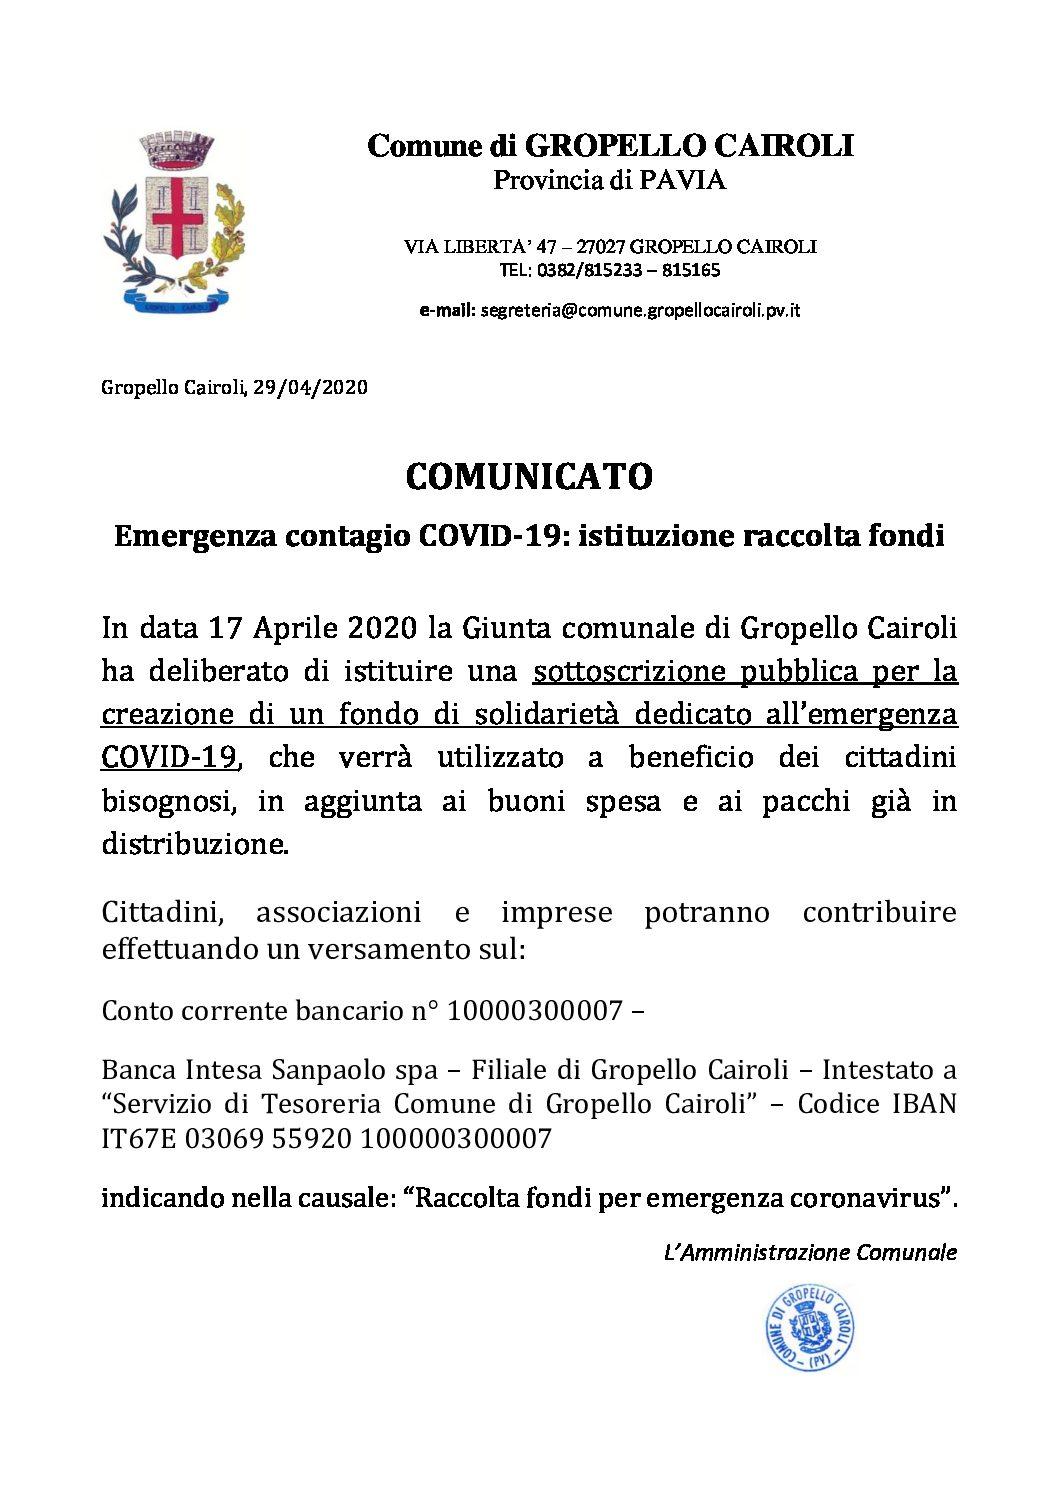 EMERGENZA CONTAGIO COVID-19: ISTITUZIONE RACCOLTA FONDI.